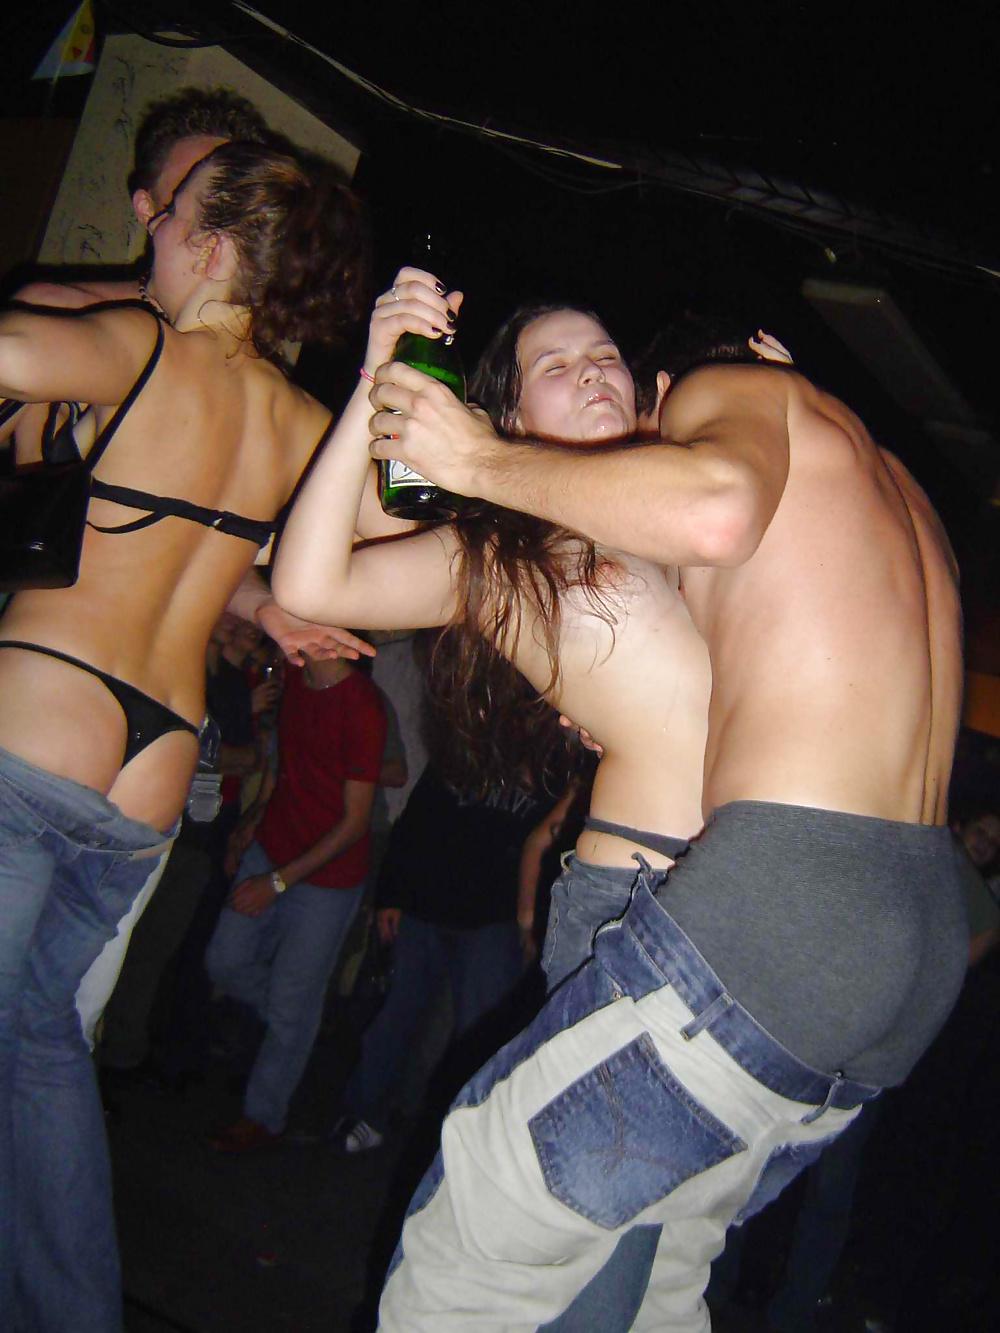 этом несколько девушки танцуют в ночном клубе и показывают свои прелести ананизм мужской автобусе